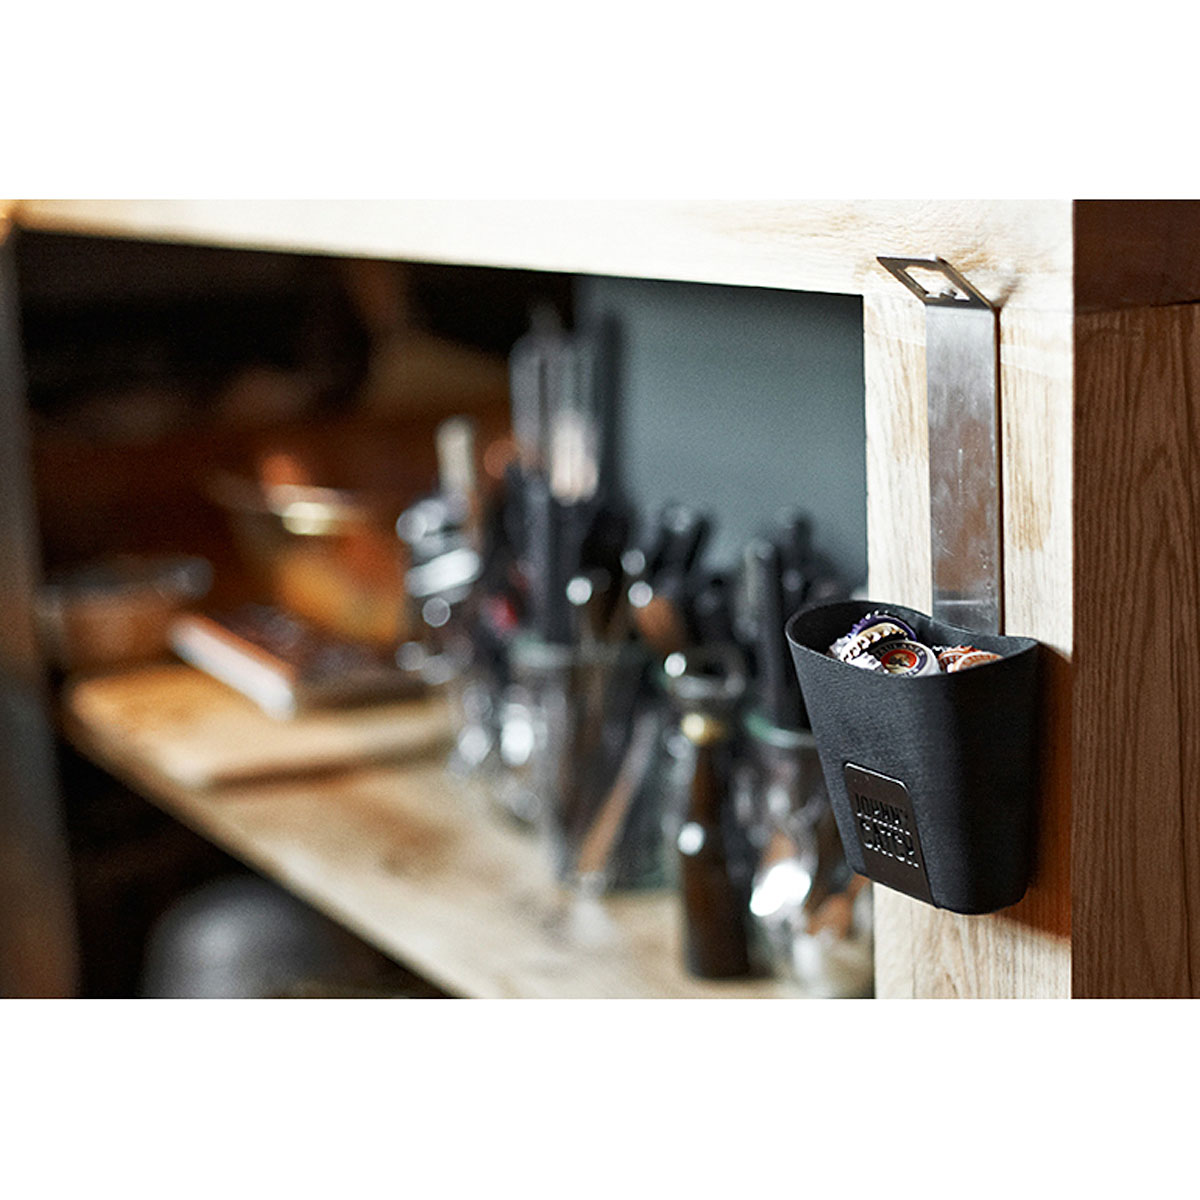 johnny catch cup flaschen ffner kaufen corpus delicti design hamburg wir machen geschenke. Black Bedroom Furniture Sets. Home Design Ideas